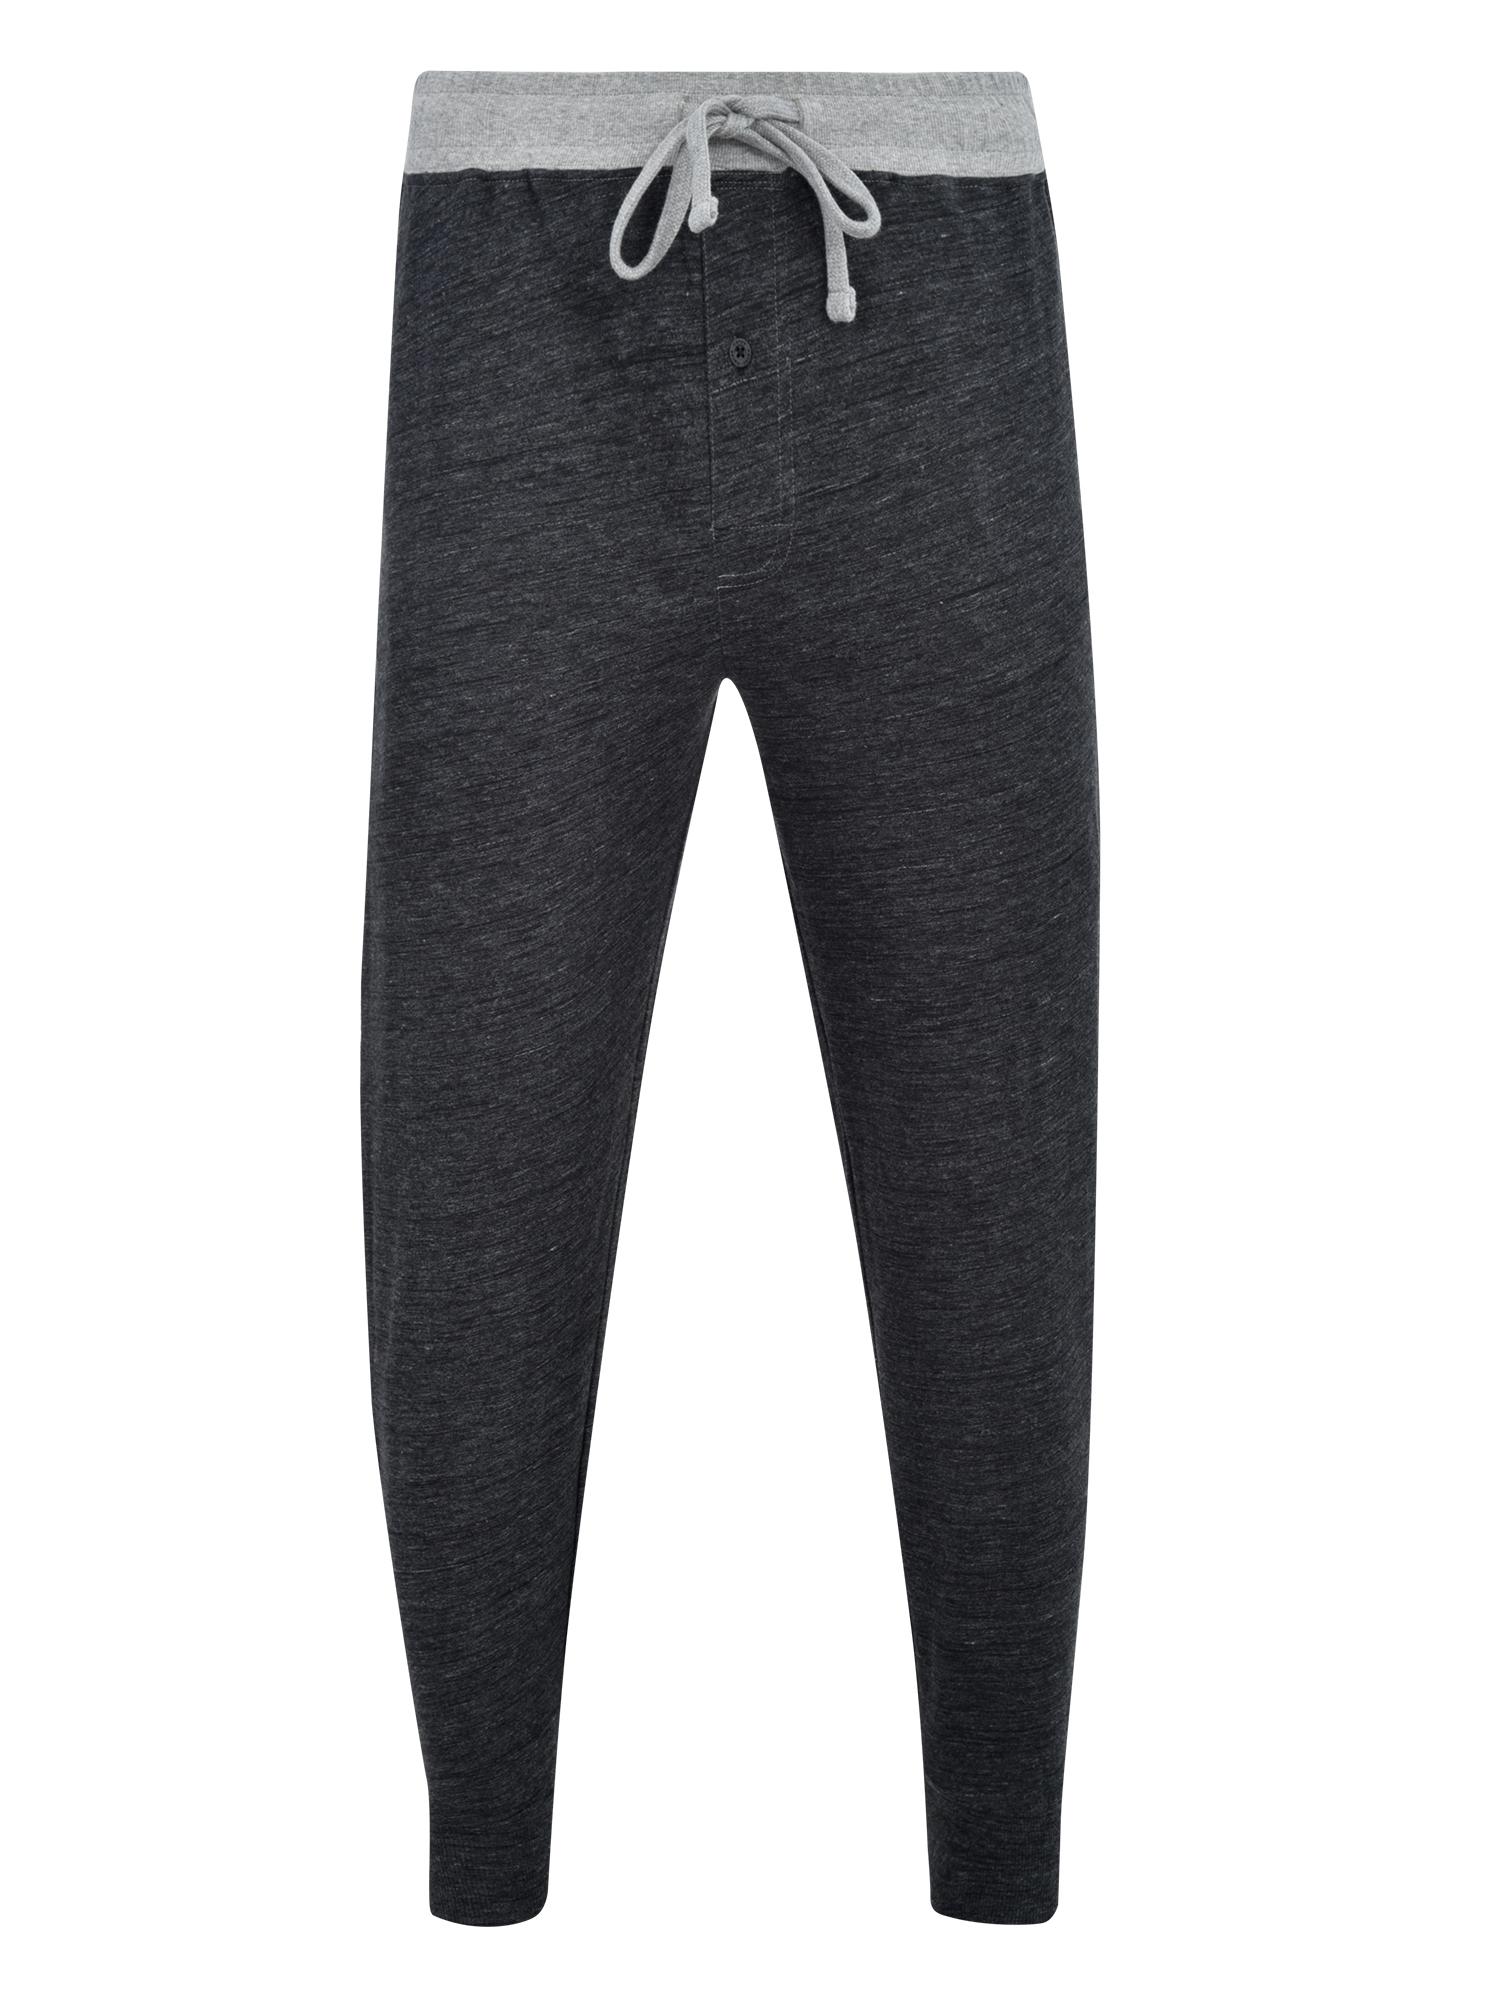 Men's Jogger Style Dorm Pant